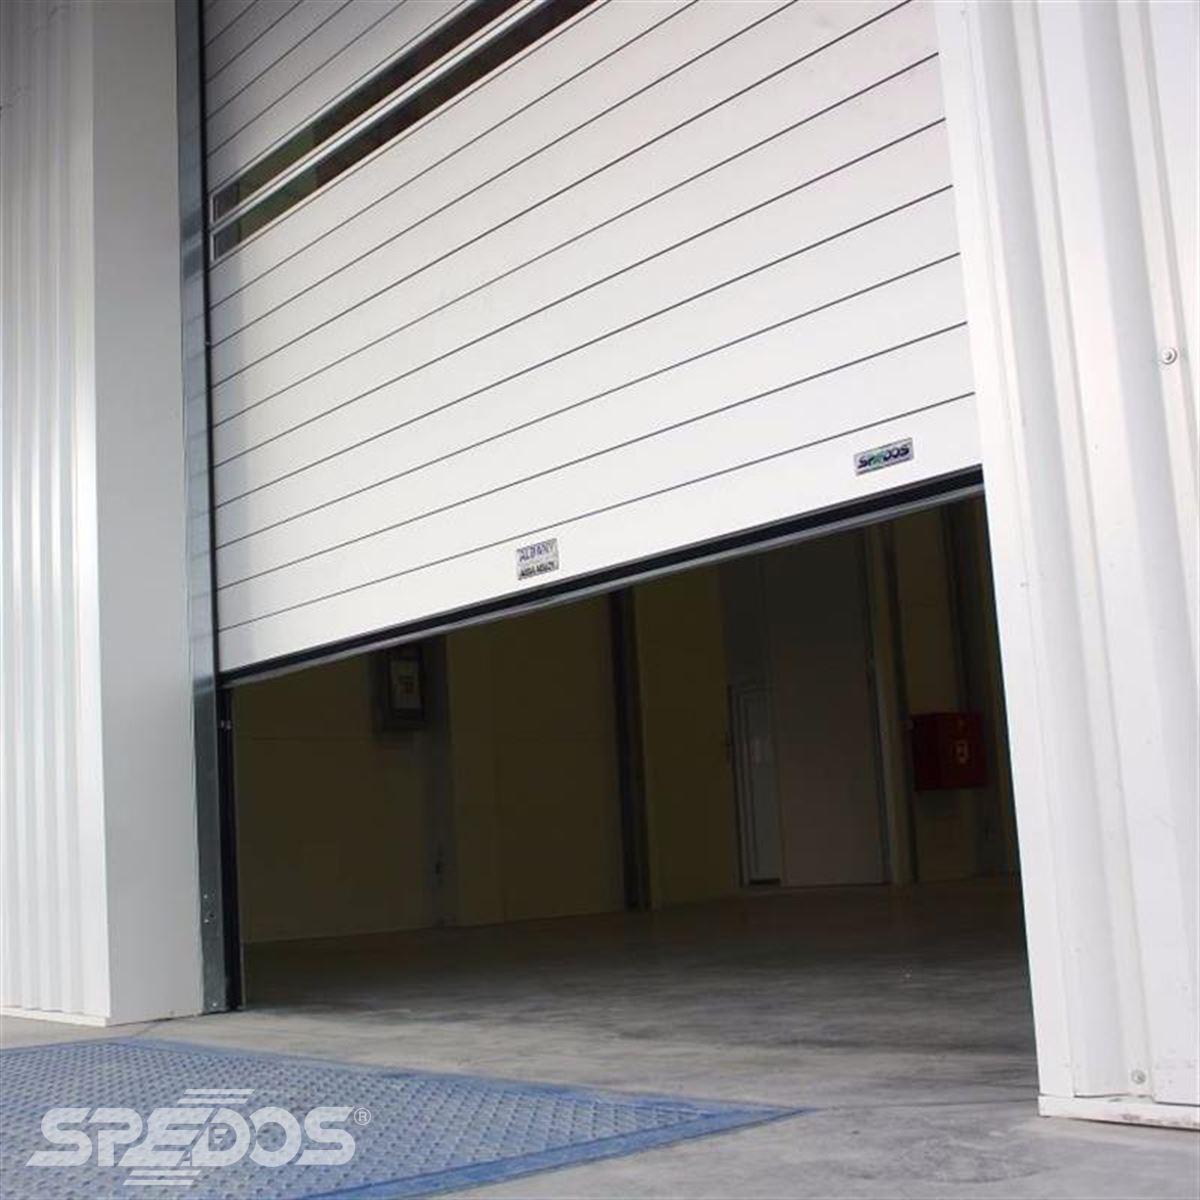 Průmyslová protipožární sekční vrata pro průmyslový areál Sonavox